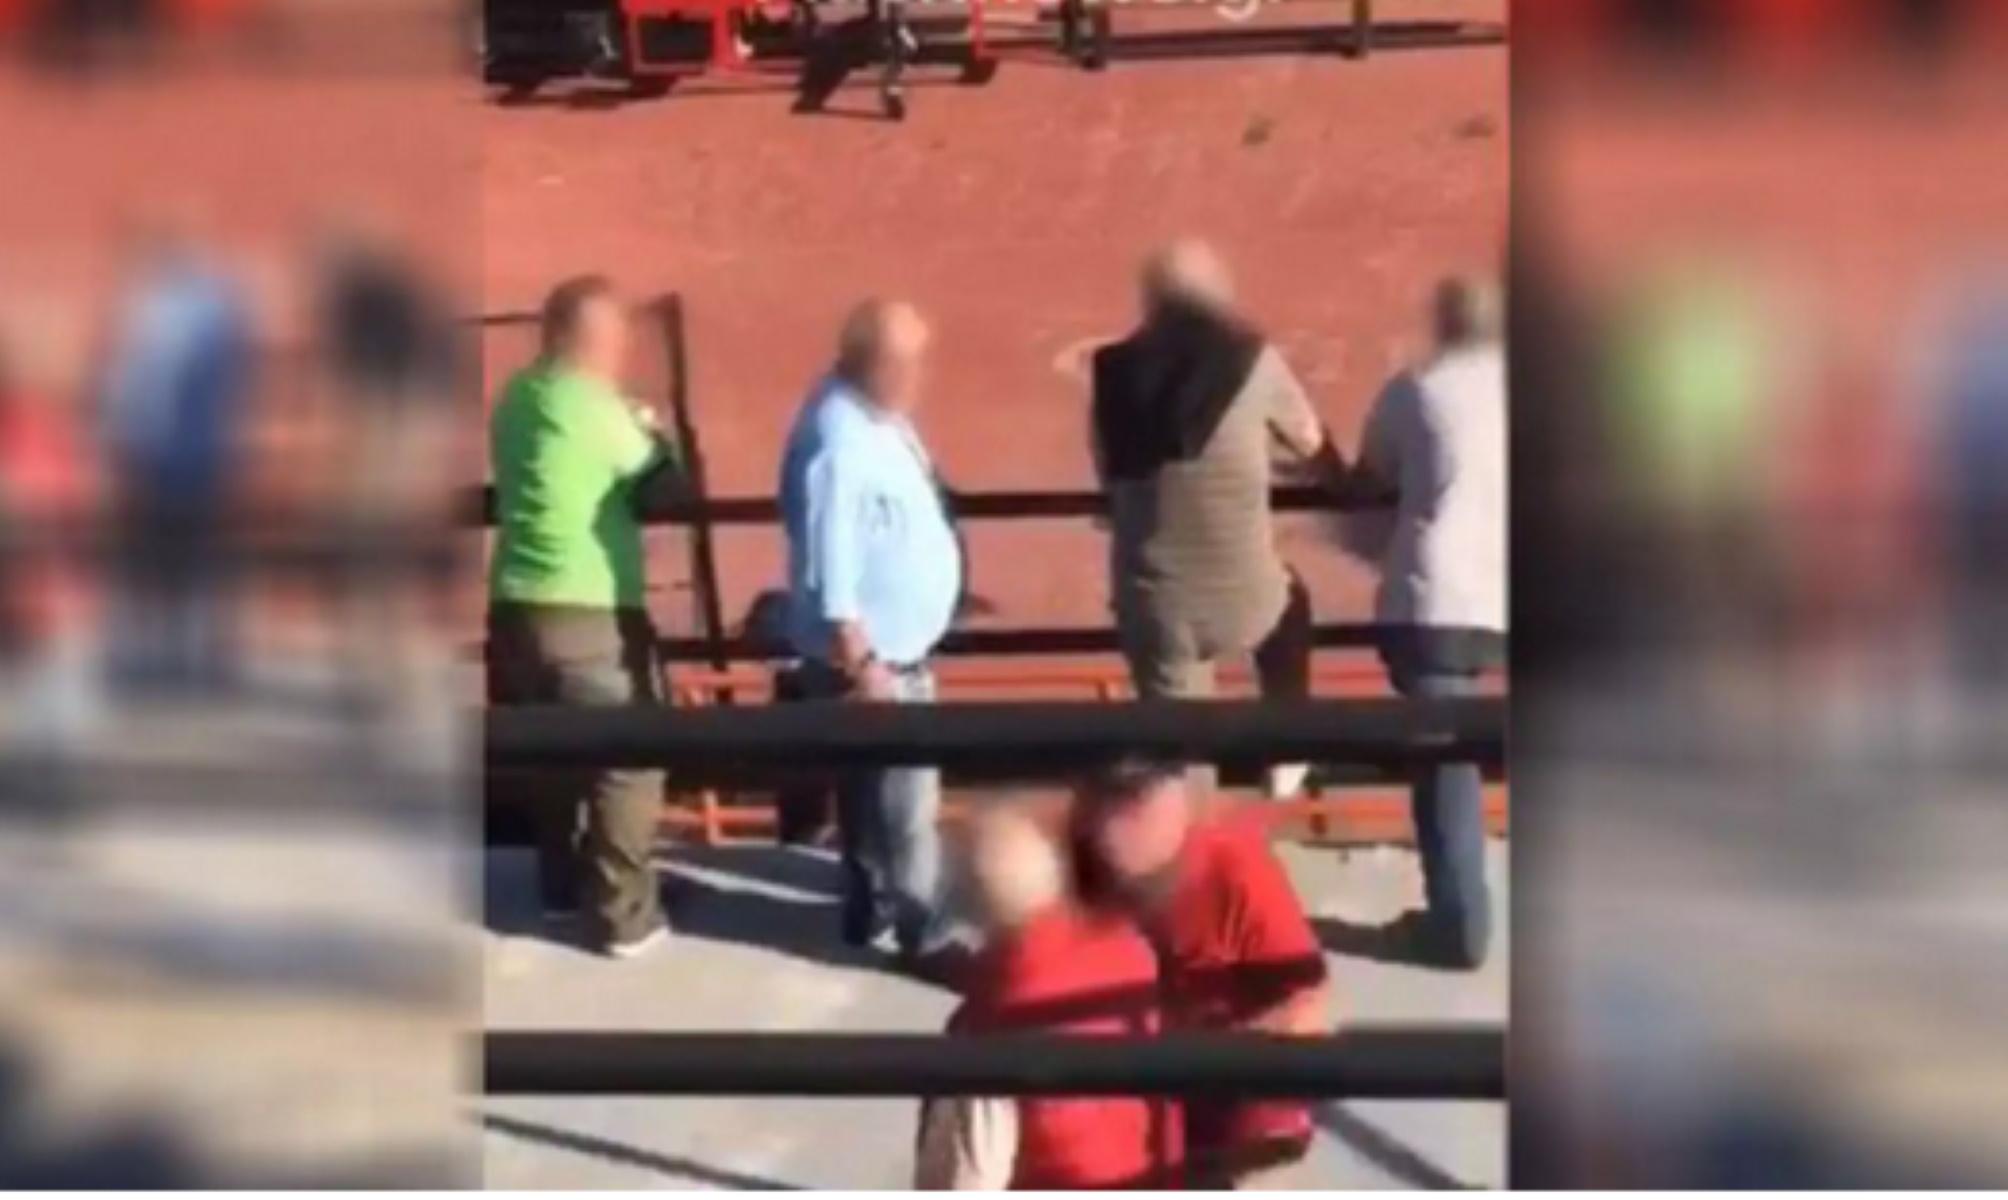 Προς δίκη ο 71χρονος για το θάνατο οπαδού στο γήπεδο